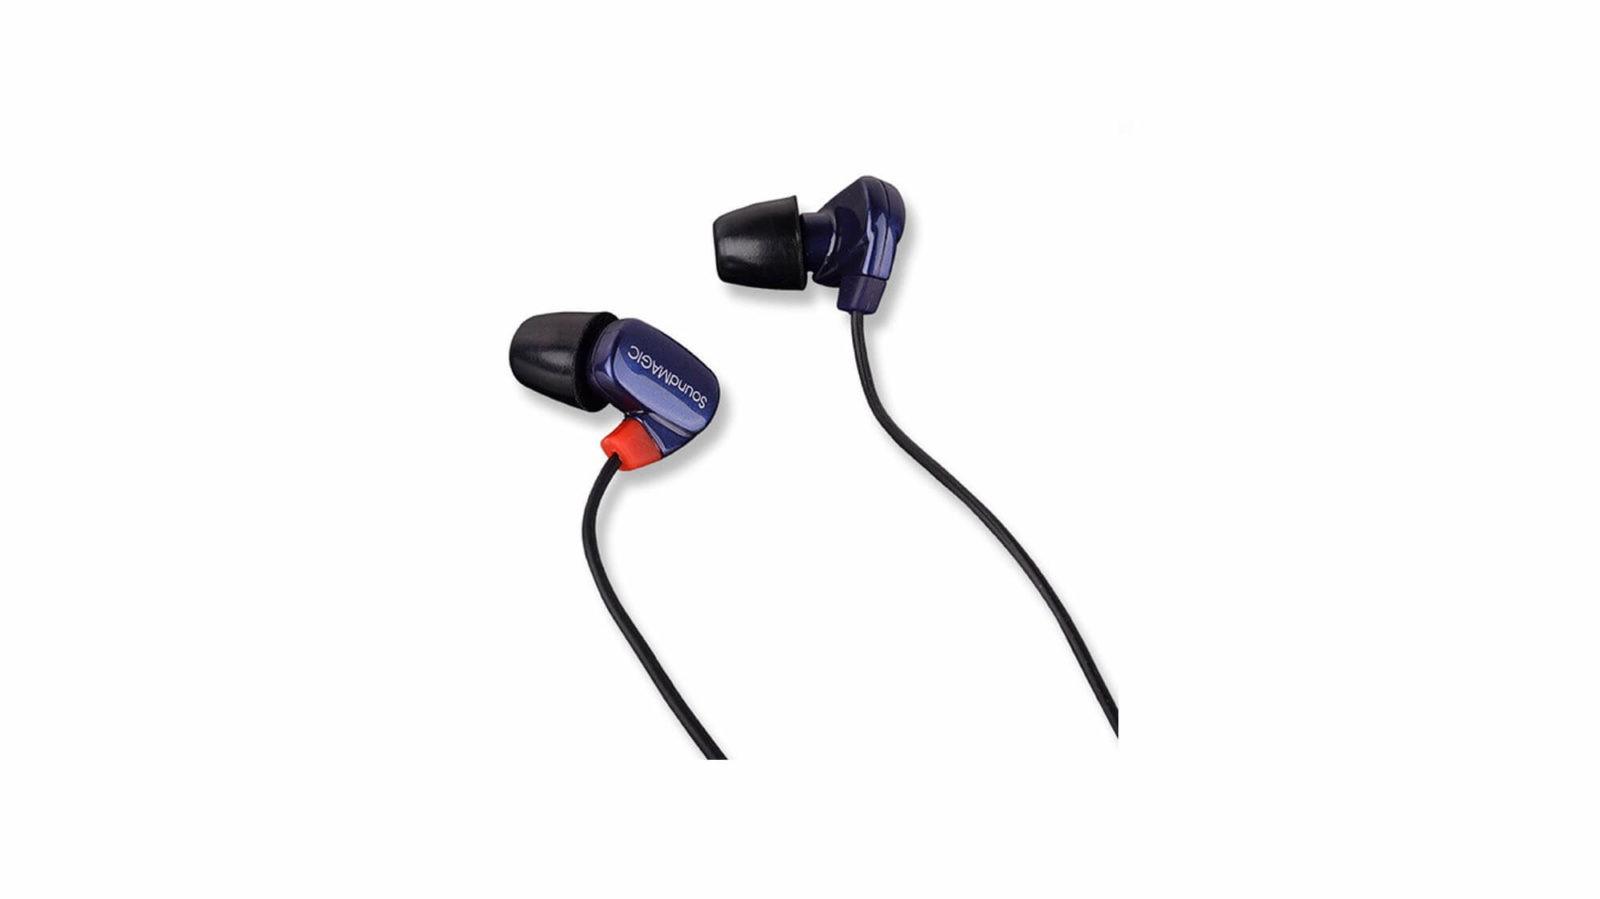 Soundmagic PL50 Kulakiçi Kulaklık